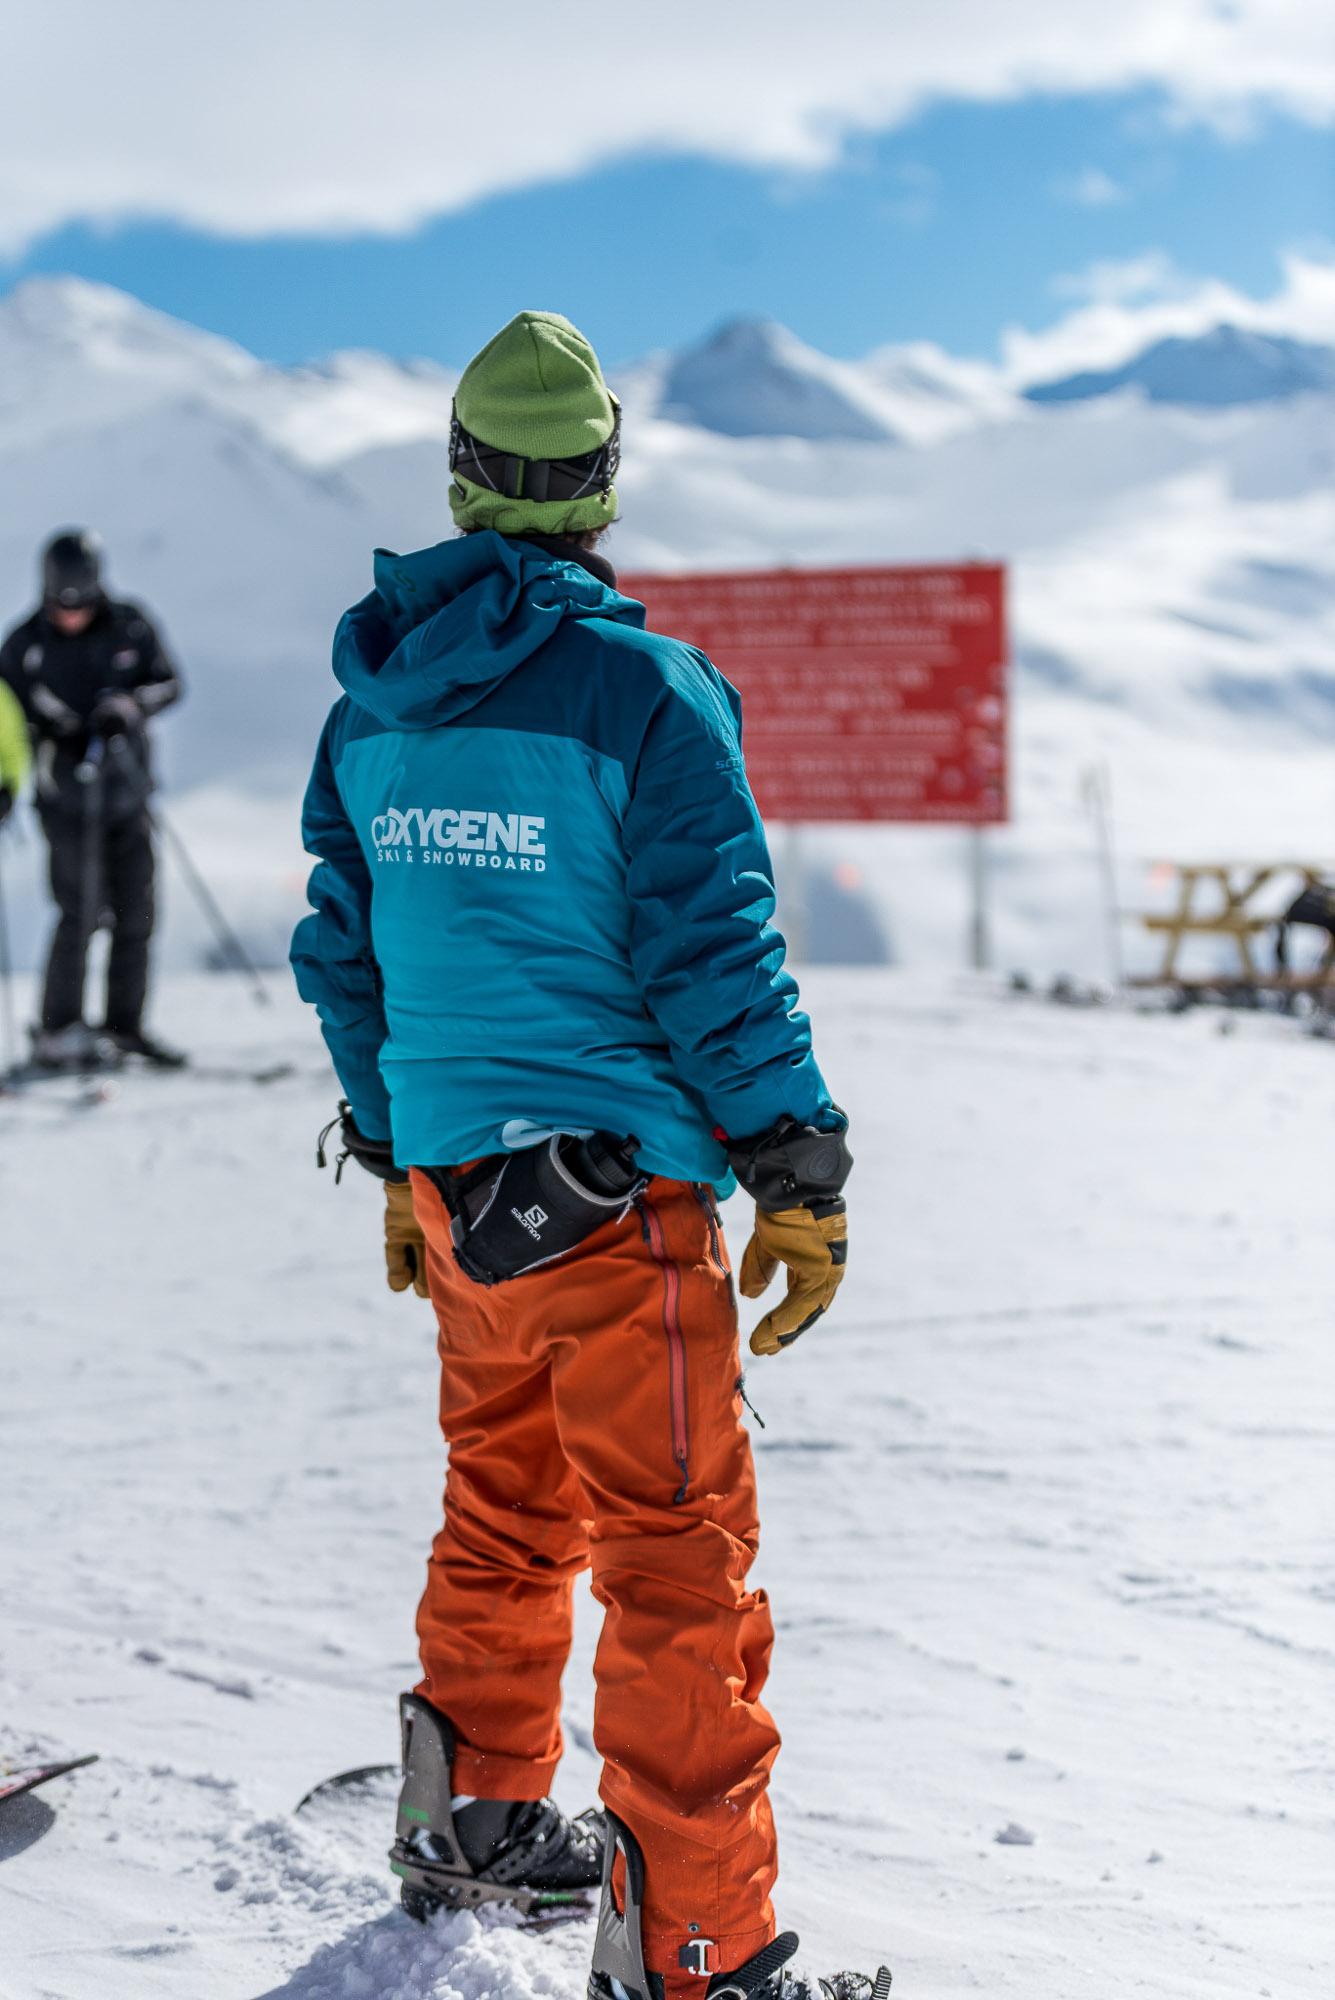 private-snowboard